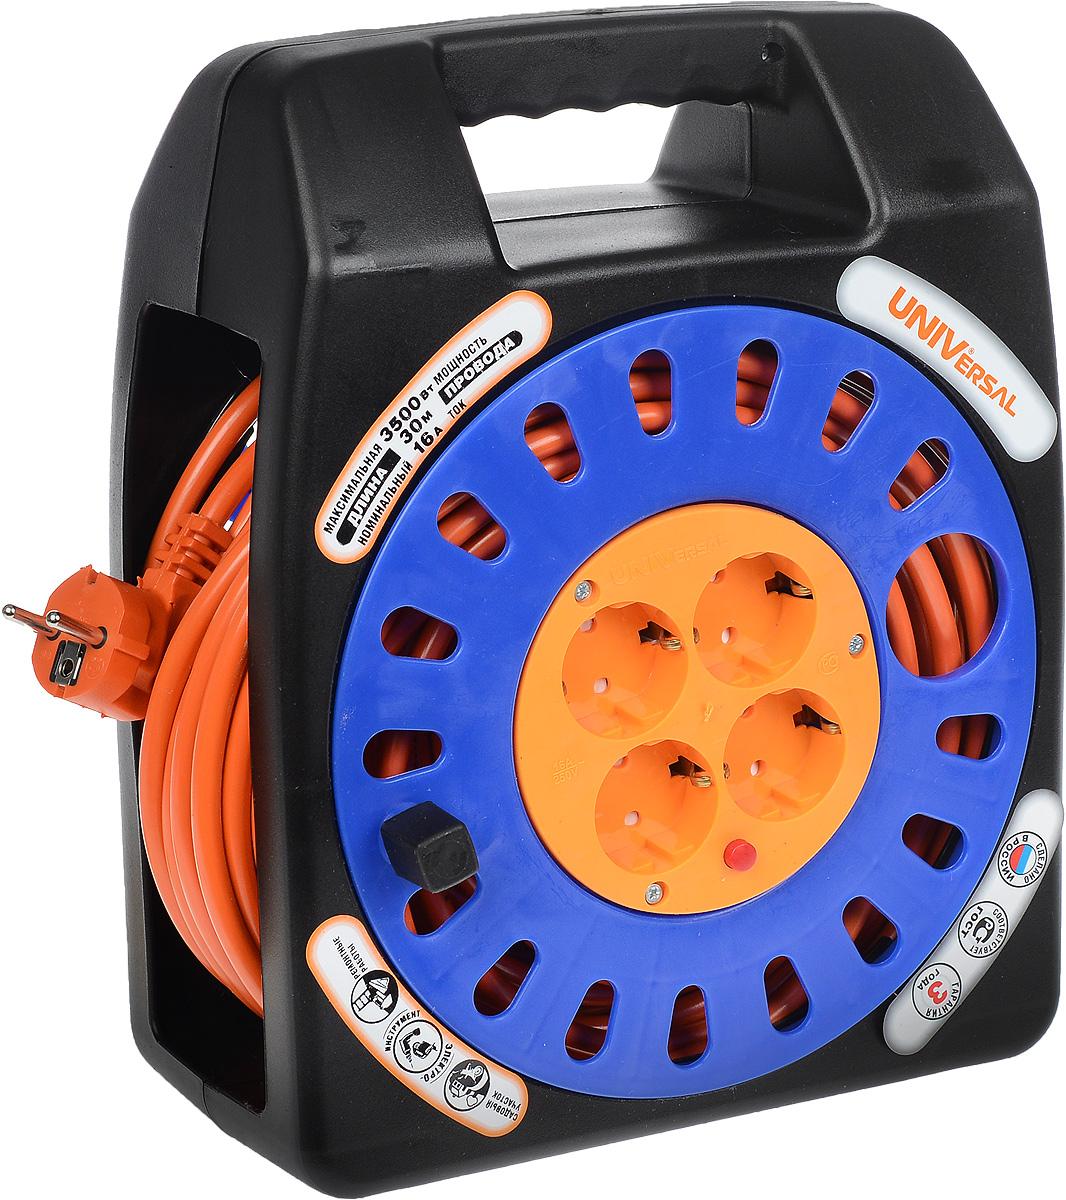 Удлинитель UNIVersal, на катушке, с заземлением, цвет: черный, синий, 30 м83273Силовой удлинитель на катушке UNIVersal с заземлением пригодится в гараже, на приусадебном участке, при проведении строительных, ремонтных и монтажных работ. Позволяет подключить до четырех электроприборов. Рассчитан на напряжение 220В. Быстро сматывается и разматывается, экономя время пользователя, удобен в хранении. Провод с поливинилхлоридной изоляцией обеспечивает надежность и безопасность работы. Прочная рама придает надежность конструкции.Провод: ПВС 3 х 1,5 мм.